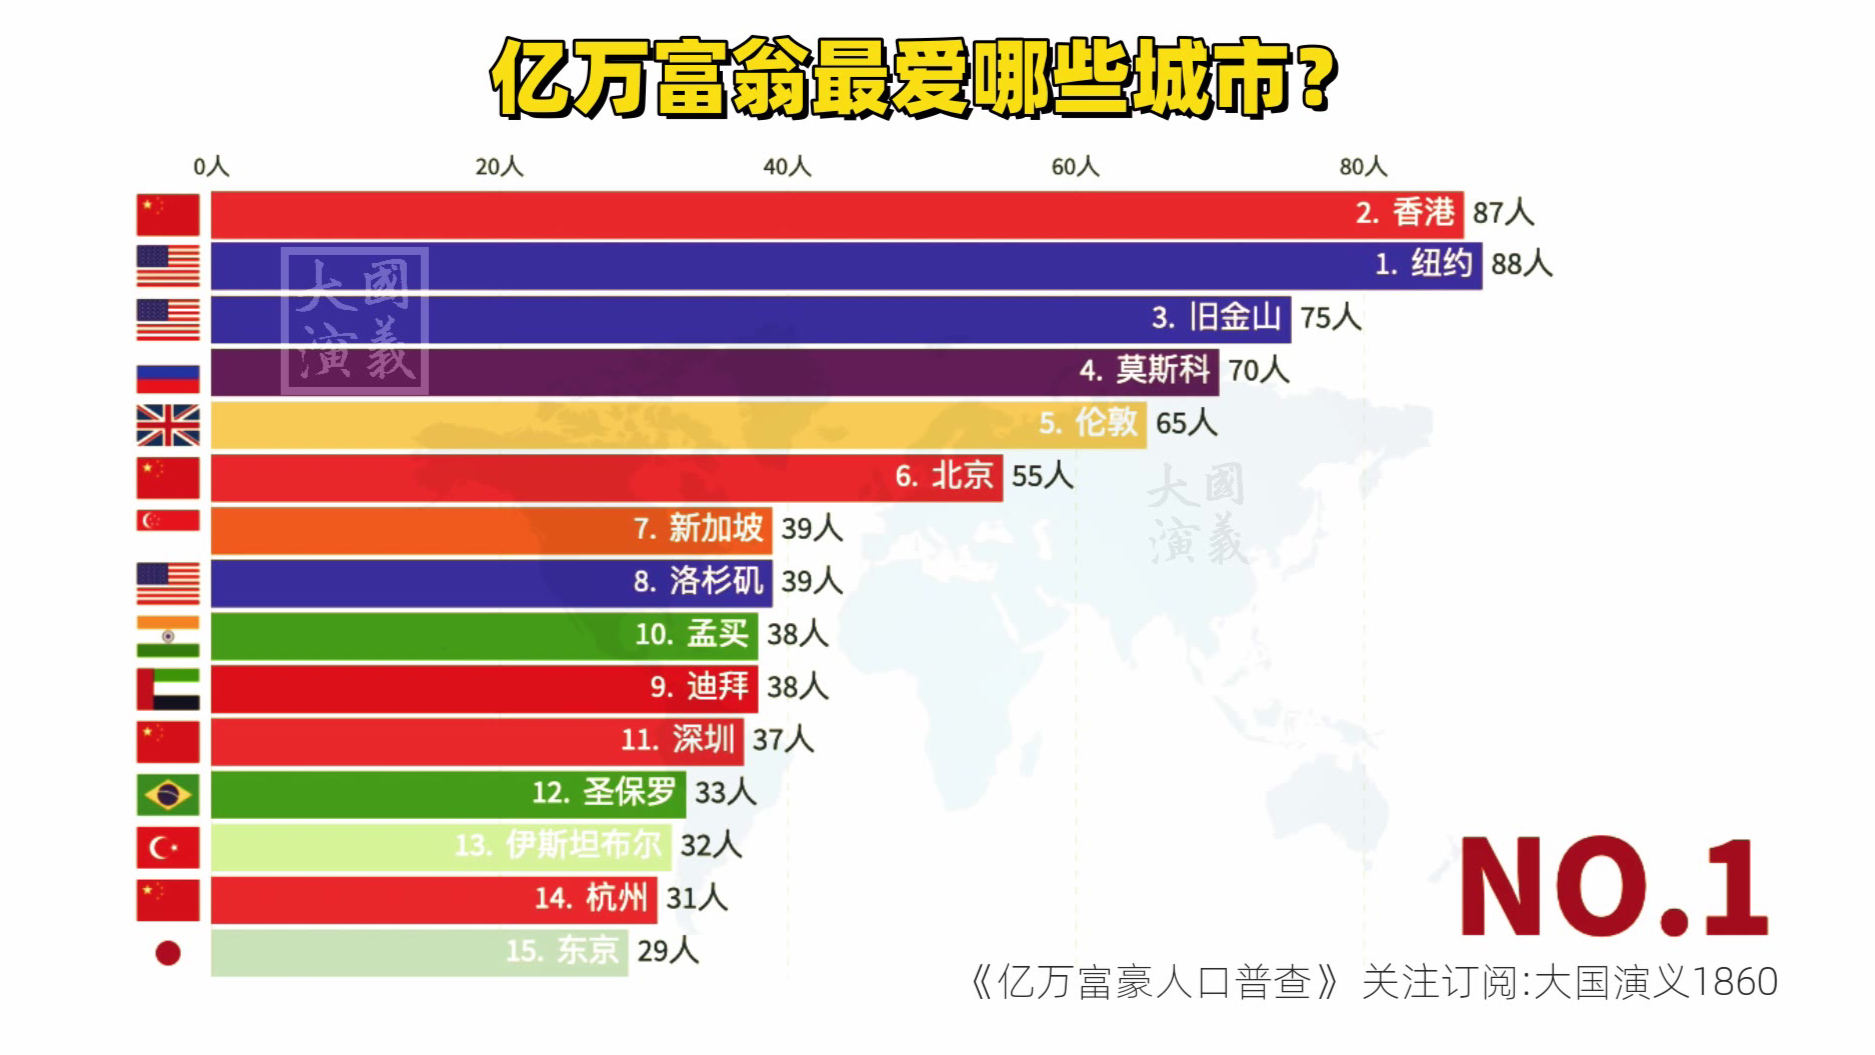 亿万富翁们最爱的15个全球城市排名!纽约香港北京深圳杭州,你选哪个?